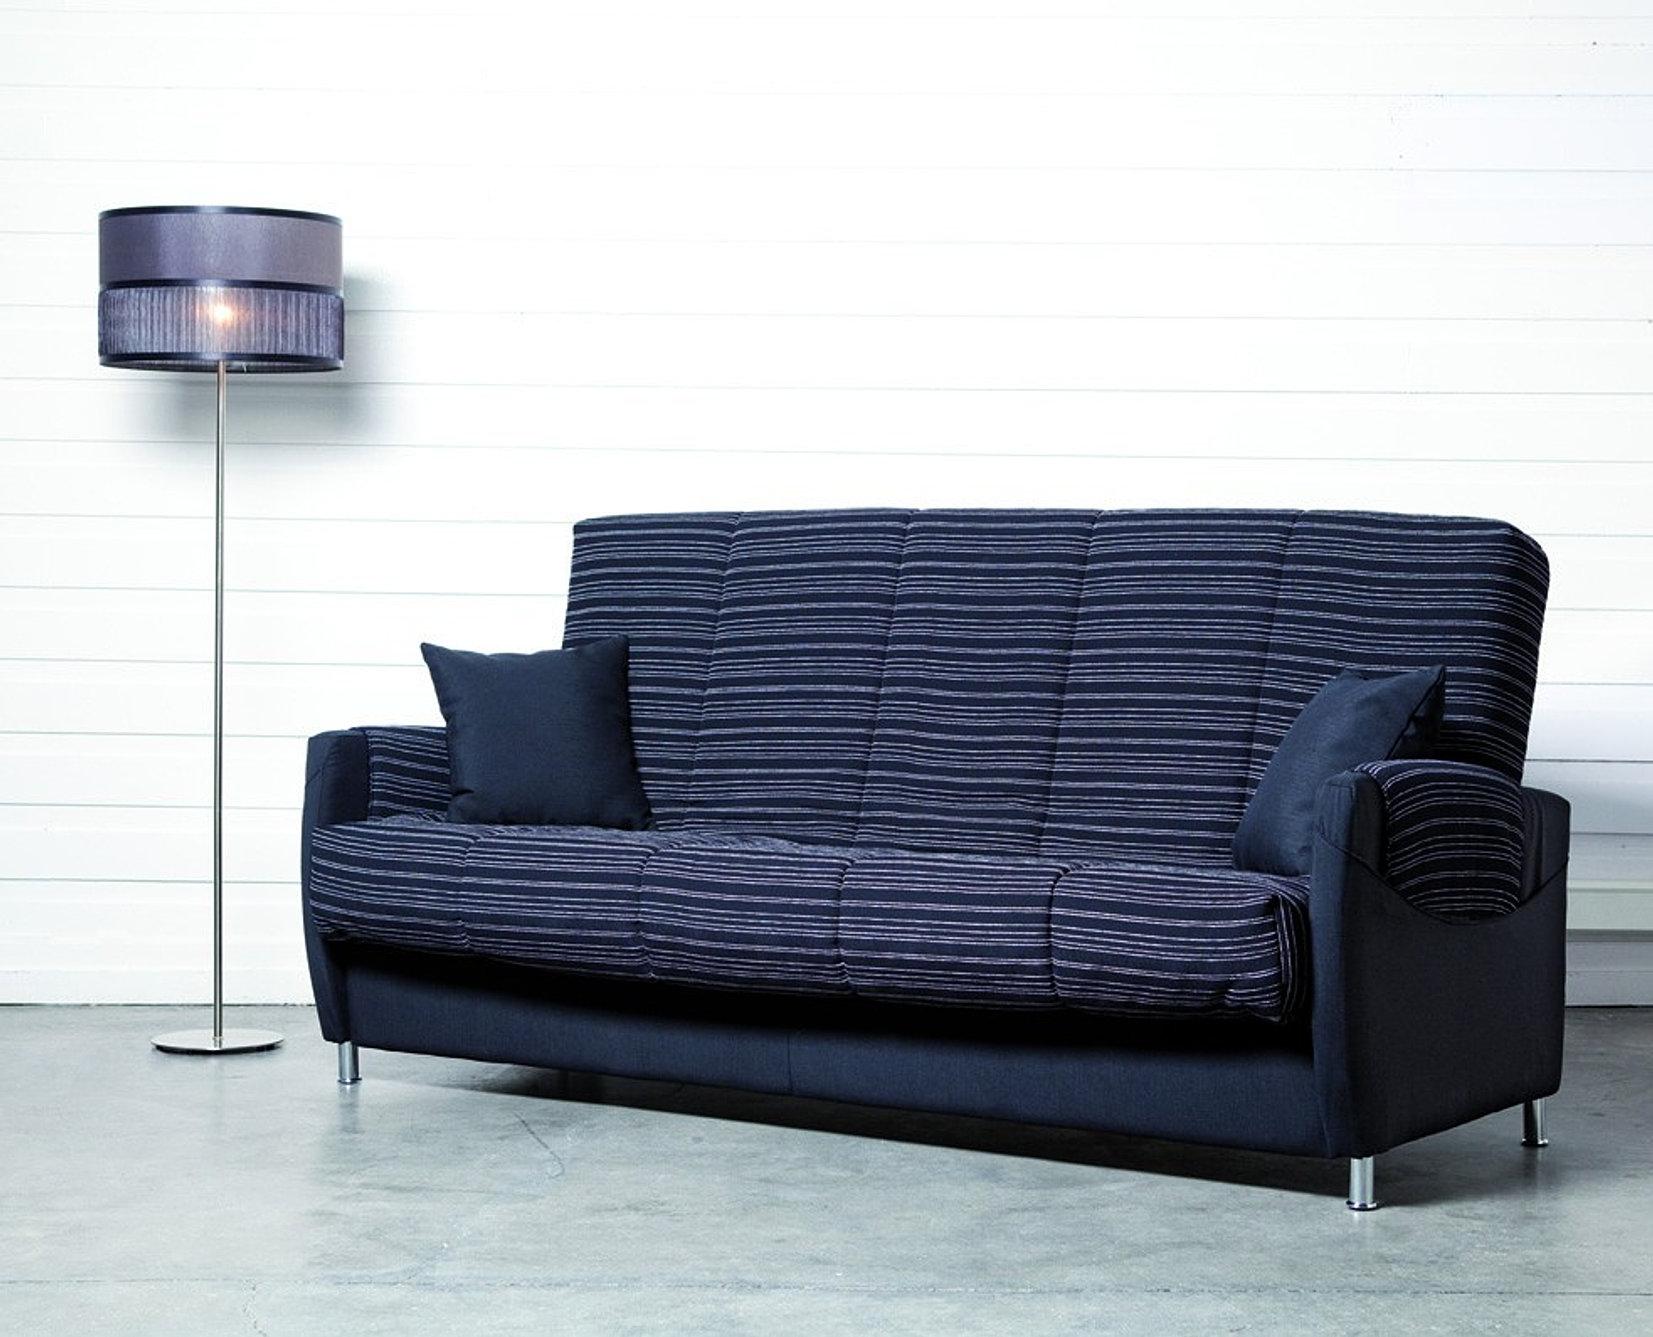 Sofas baratos en malaga funda para sof cama sleep with for Sofas baratos sevilla